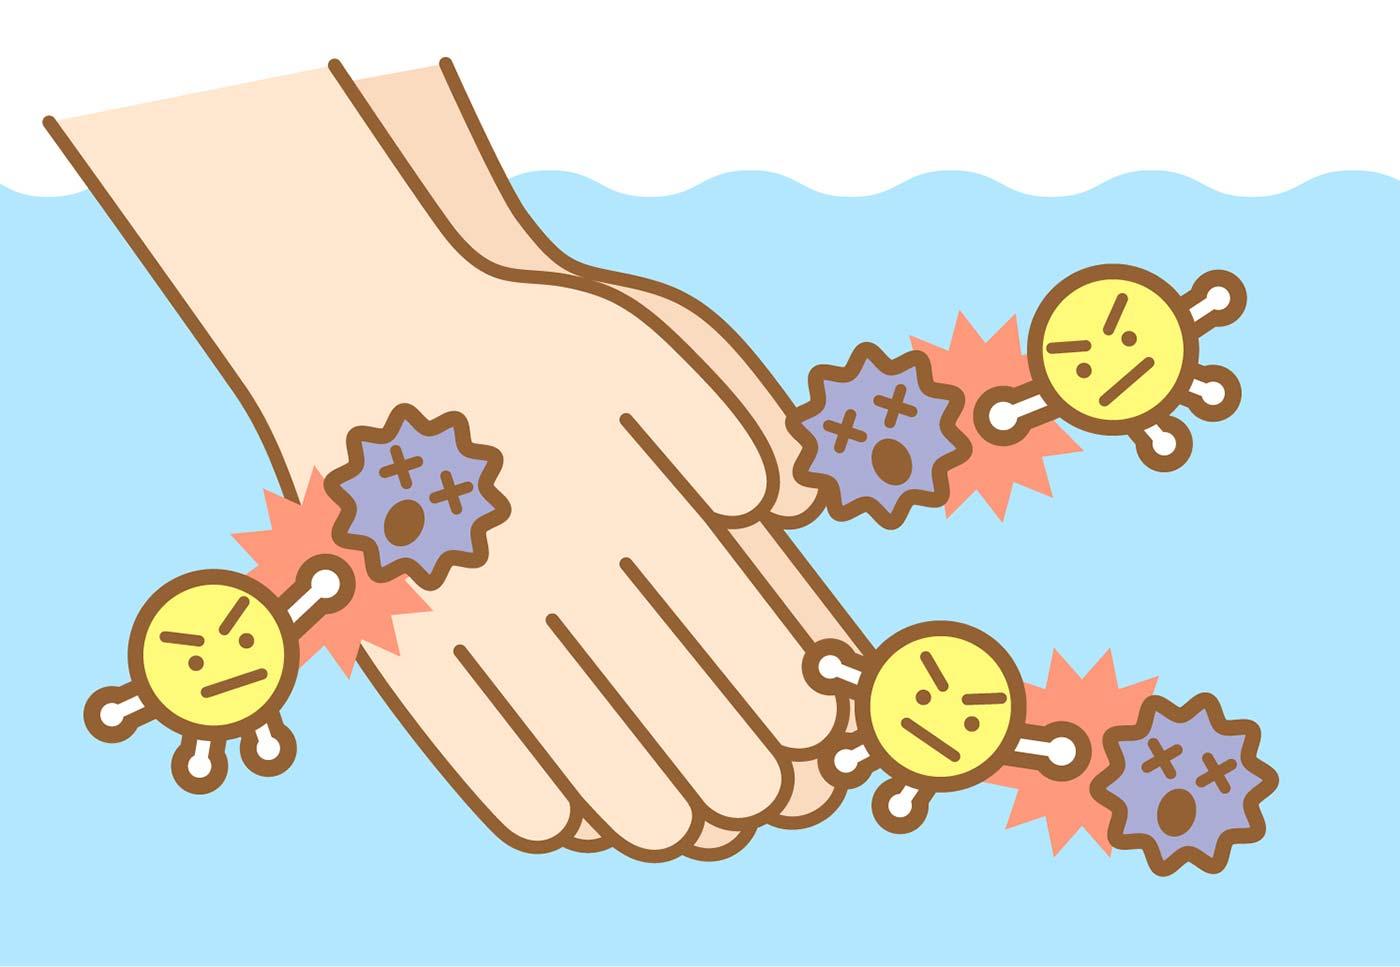 アリシンの抗菌・殺菌力